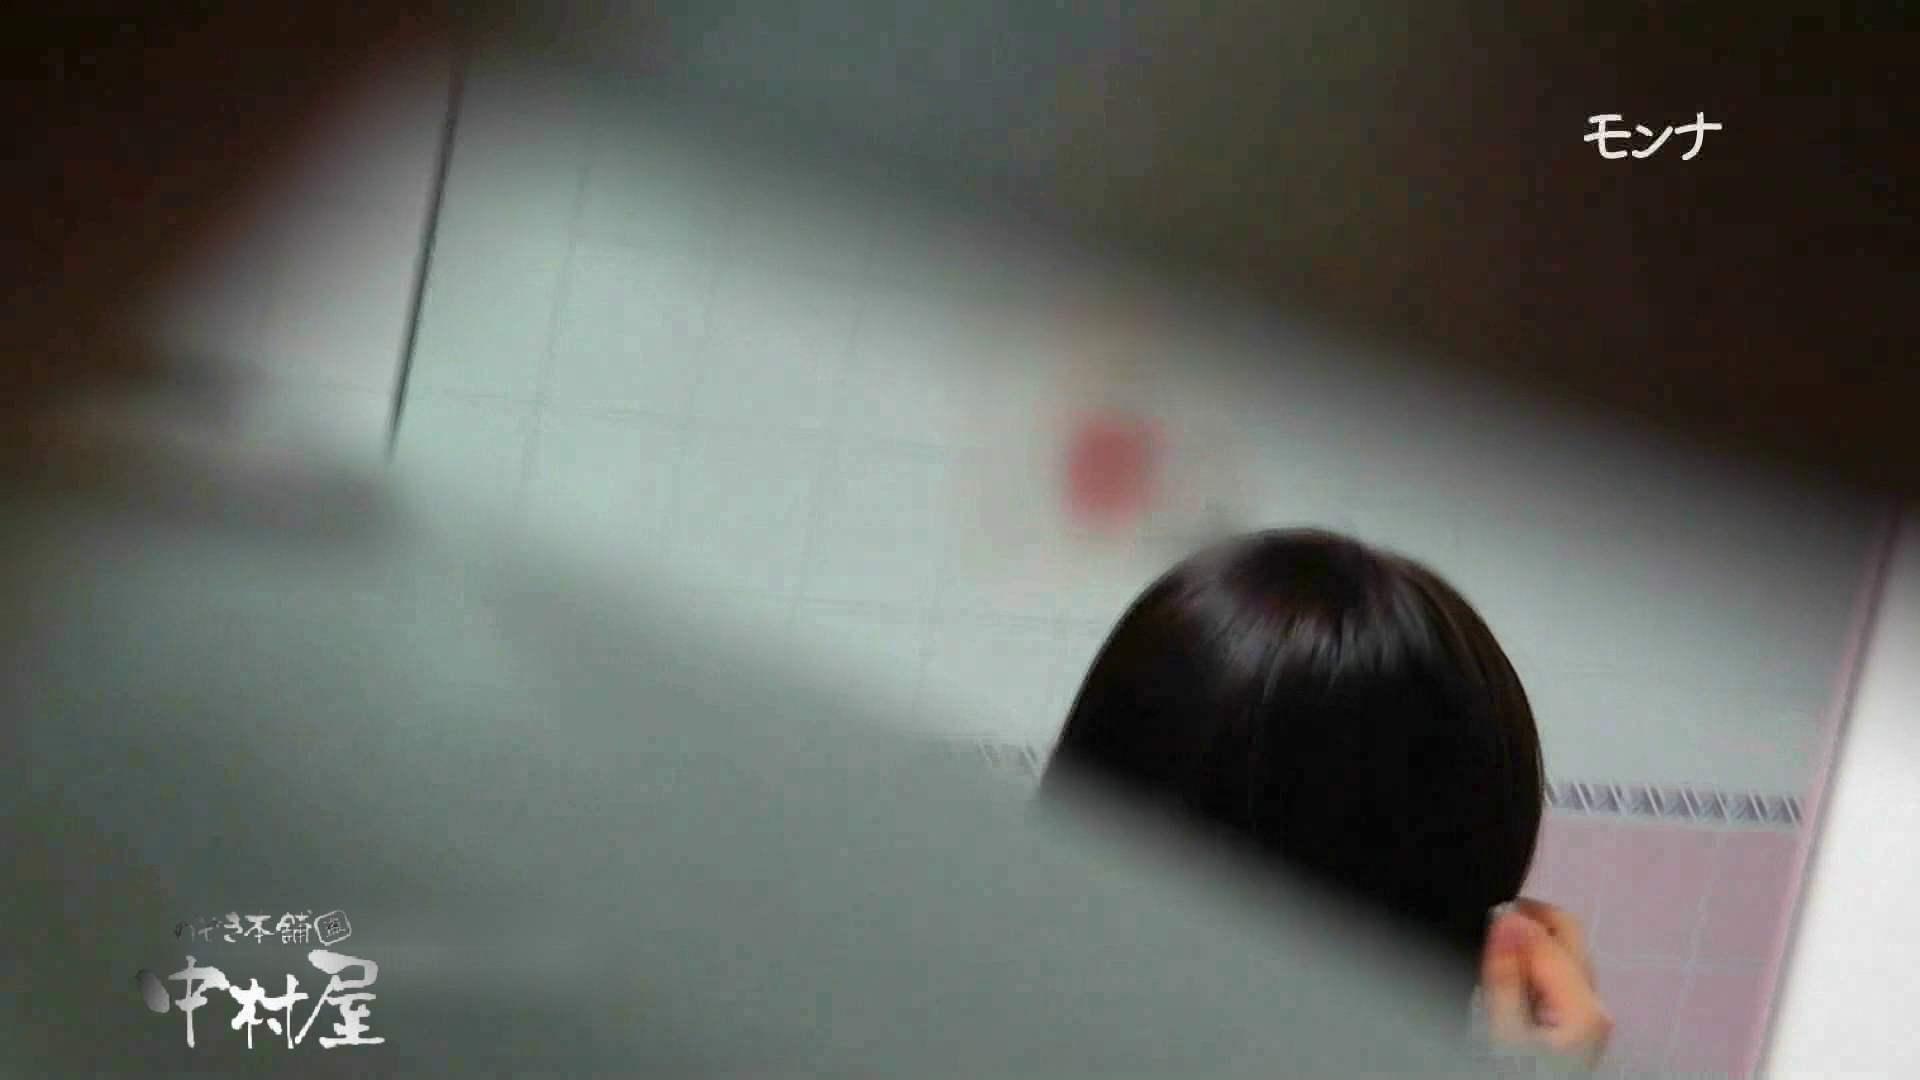 【美しい日本の未来】遂に!!戸田恵梨香似の予告モデル登場ダッシュで「大」後編 Hなモデル  105pic 60